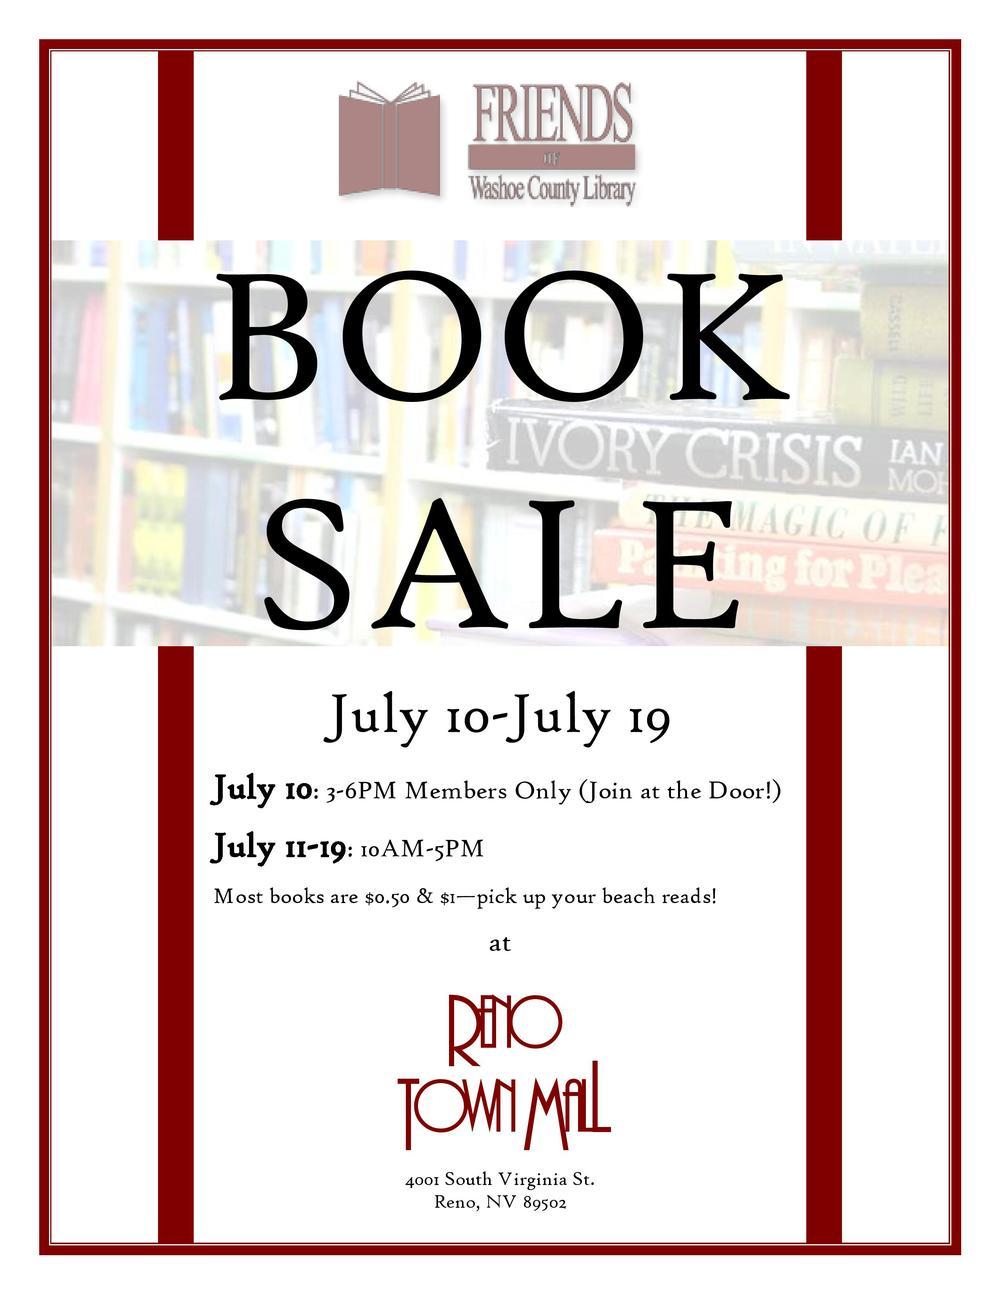 booksalejuly-page-001.jpg